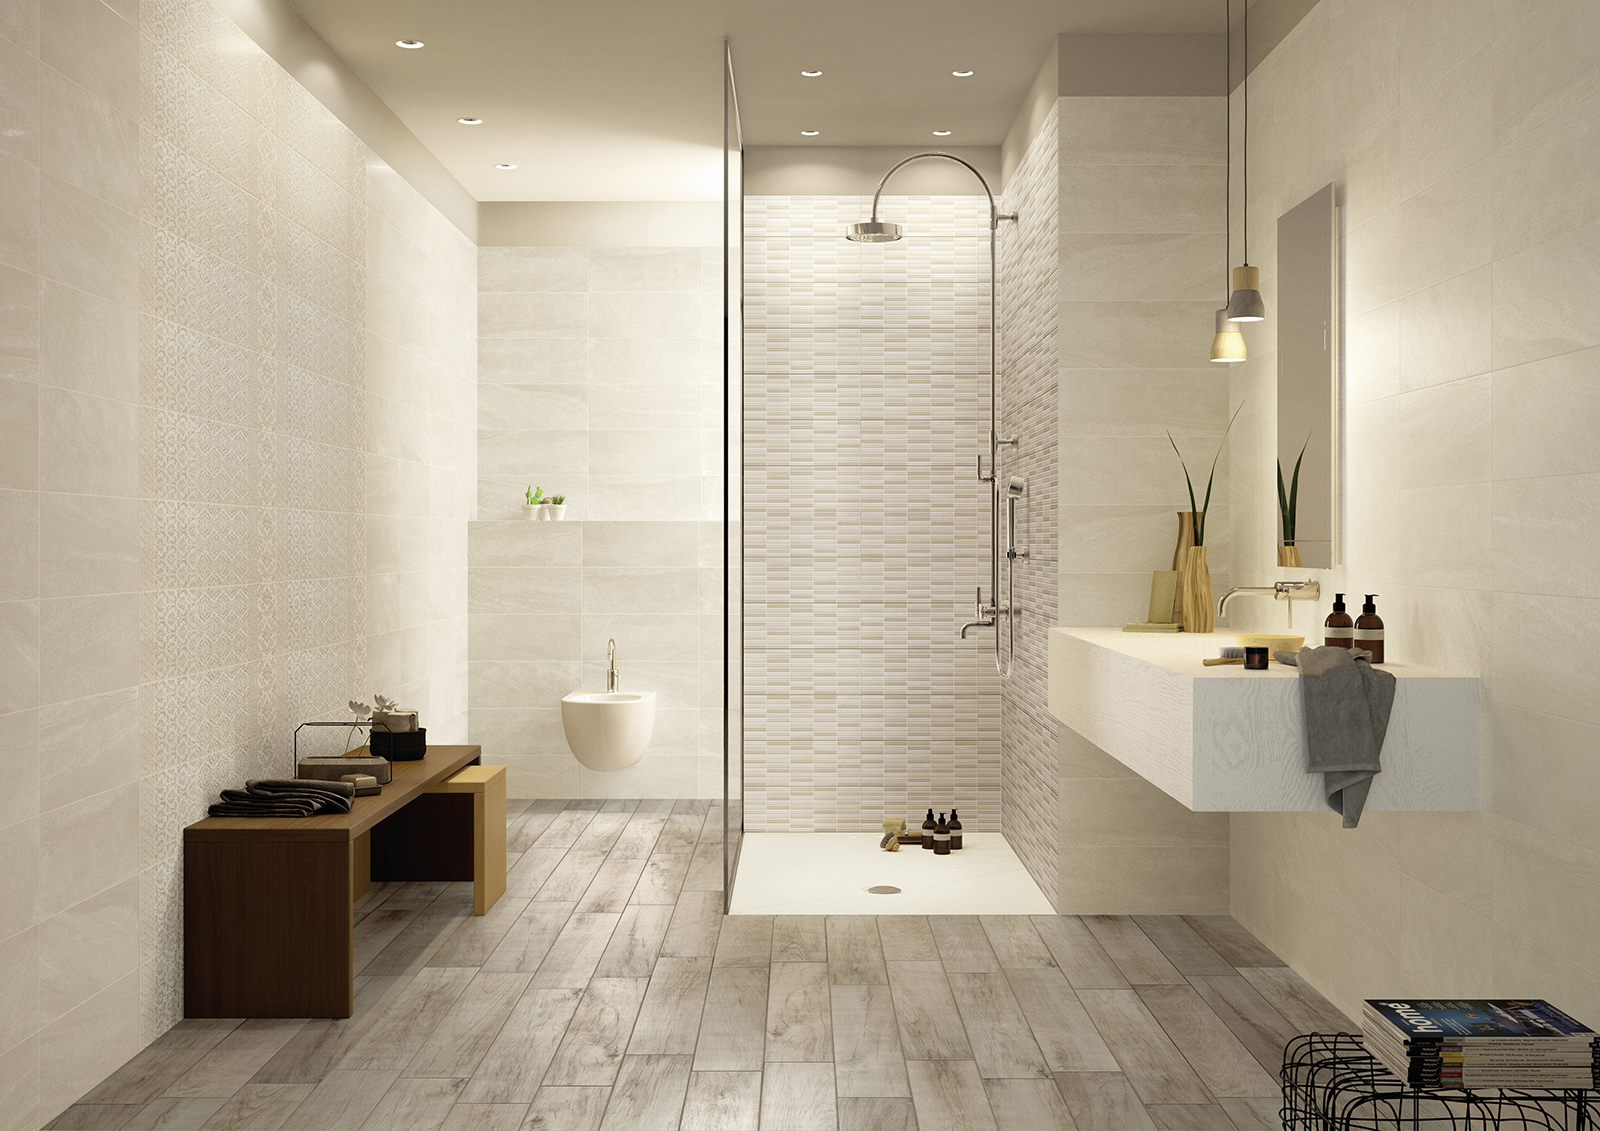 Interiors rivestimento bagno e cucina marazzi - Bagno arredamento piastrelle ...